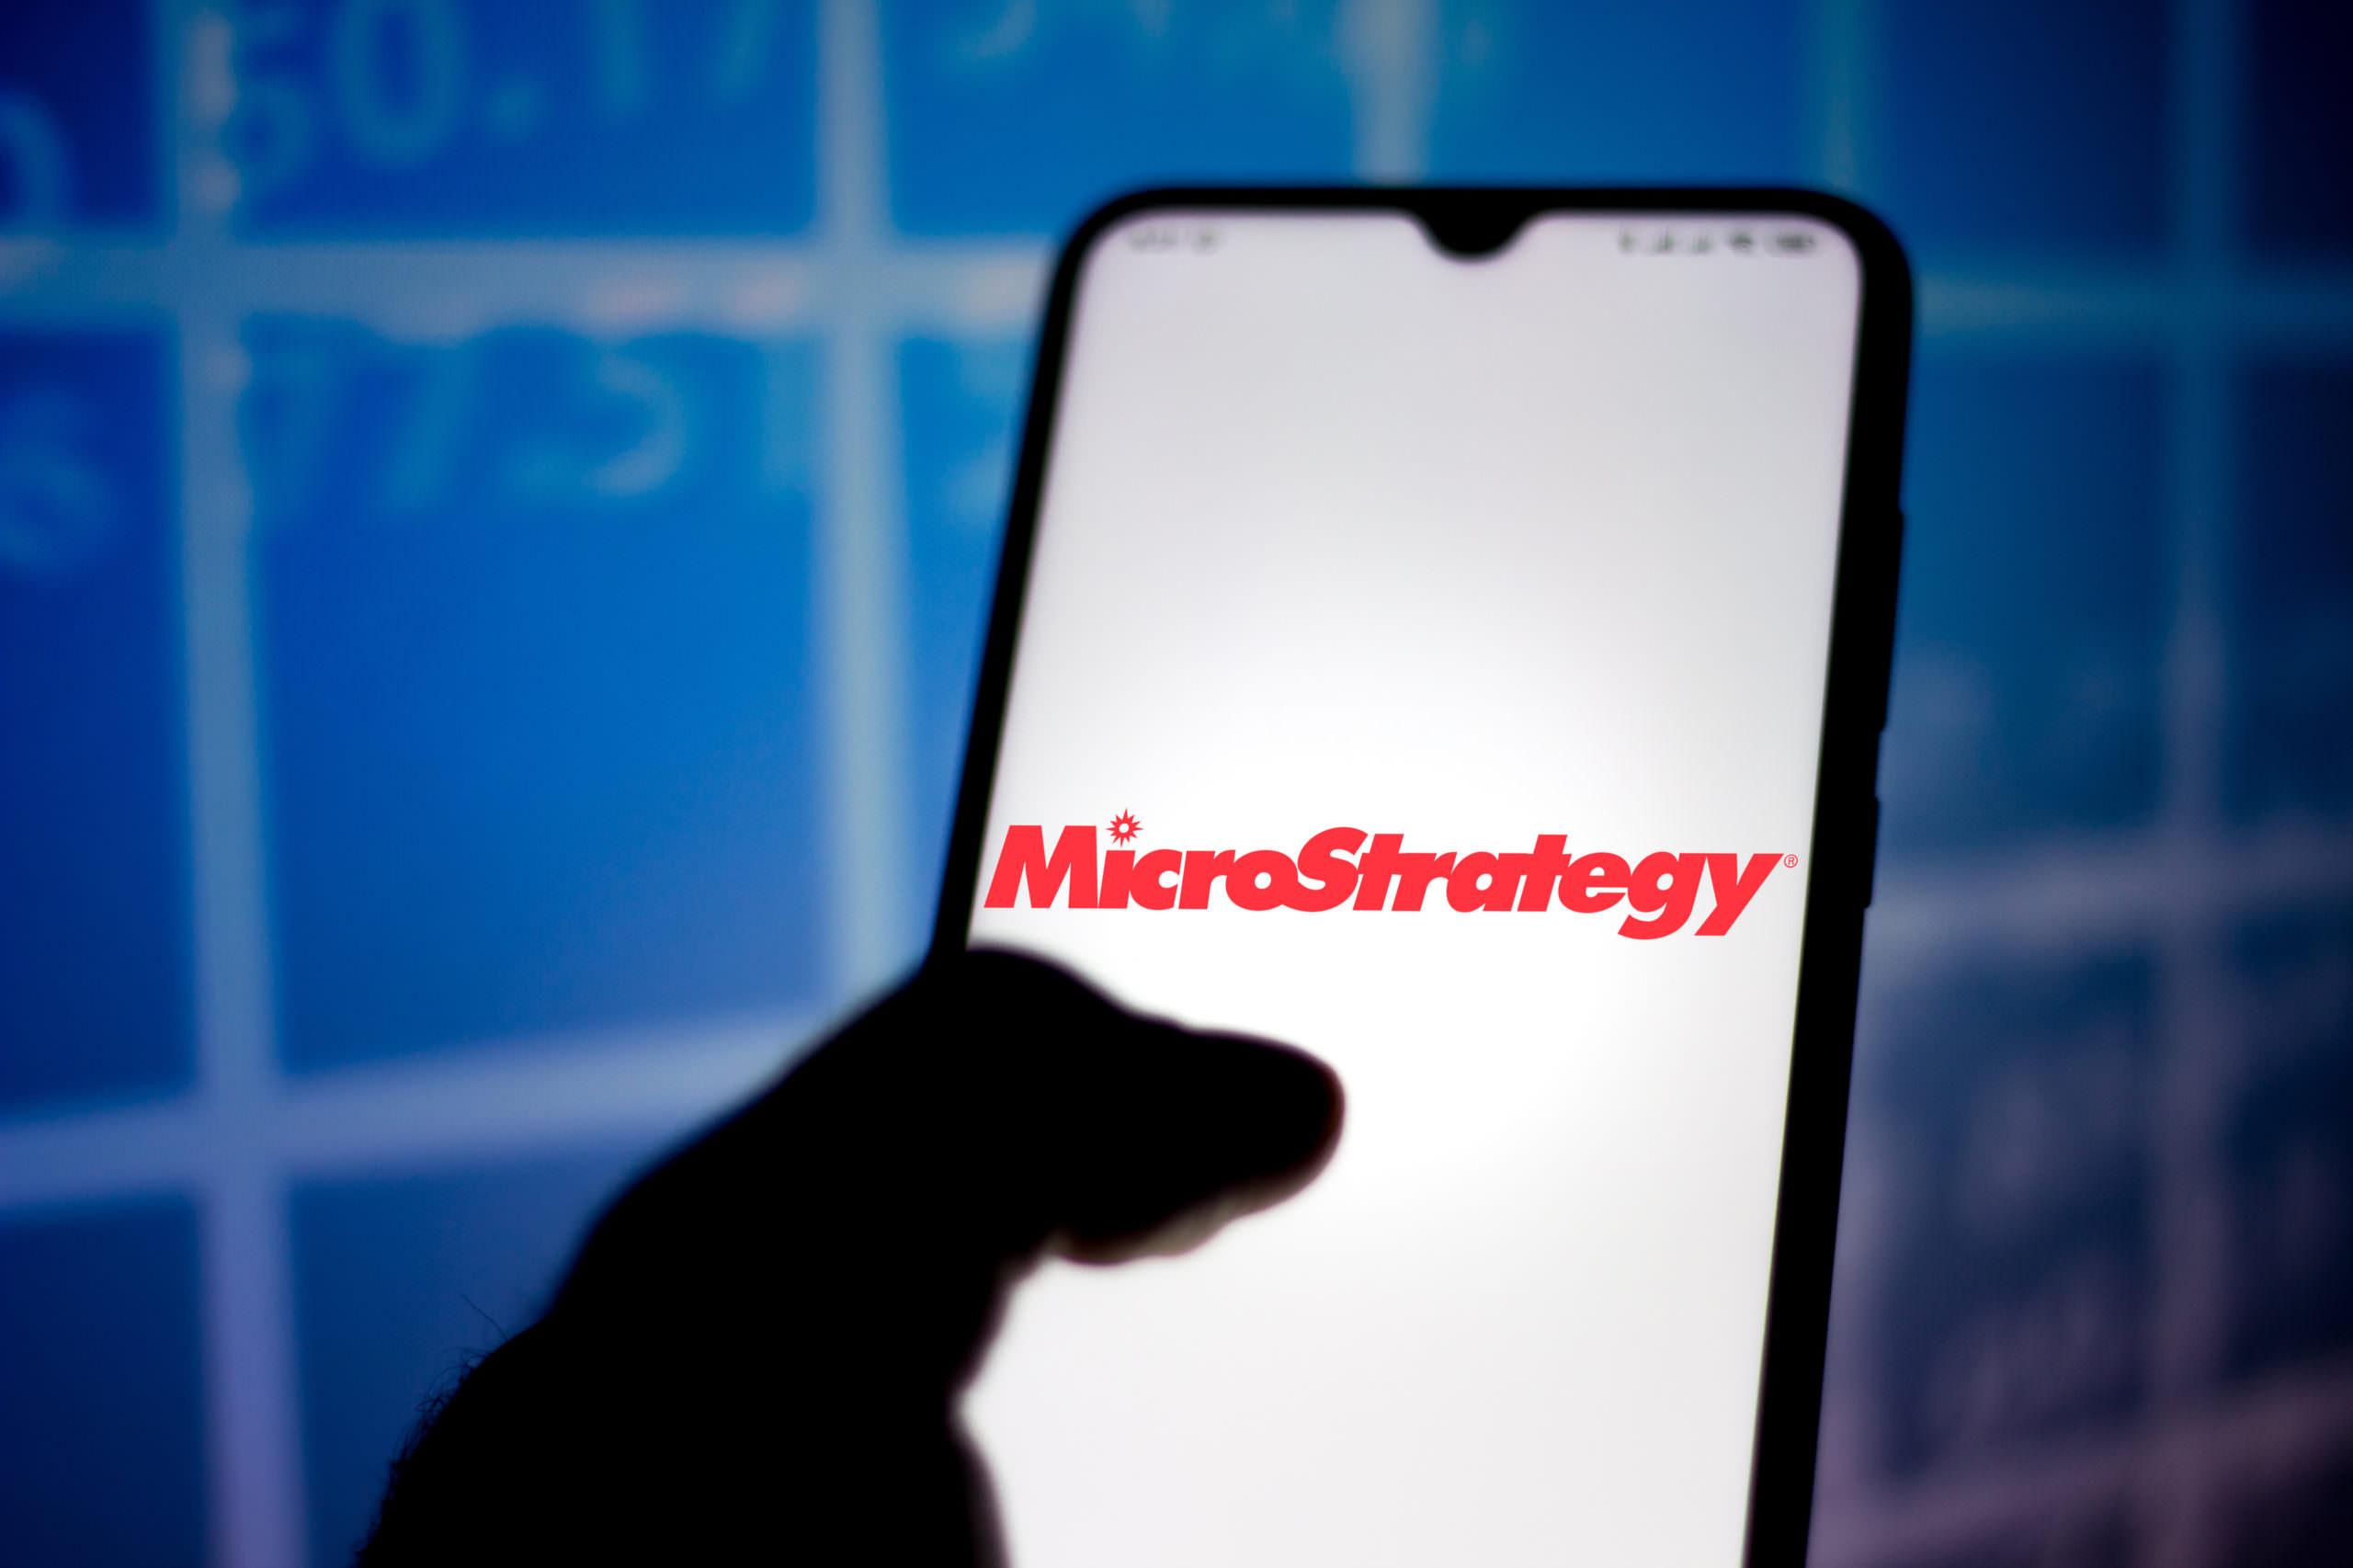 O CEO da MicroStrategy diz que o bitcoin um dia terá um valor de mercado de $ 100 trilhões, mesmo com os preços caindo